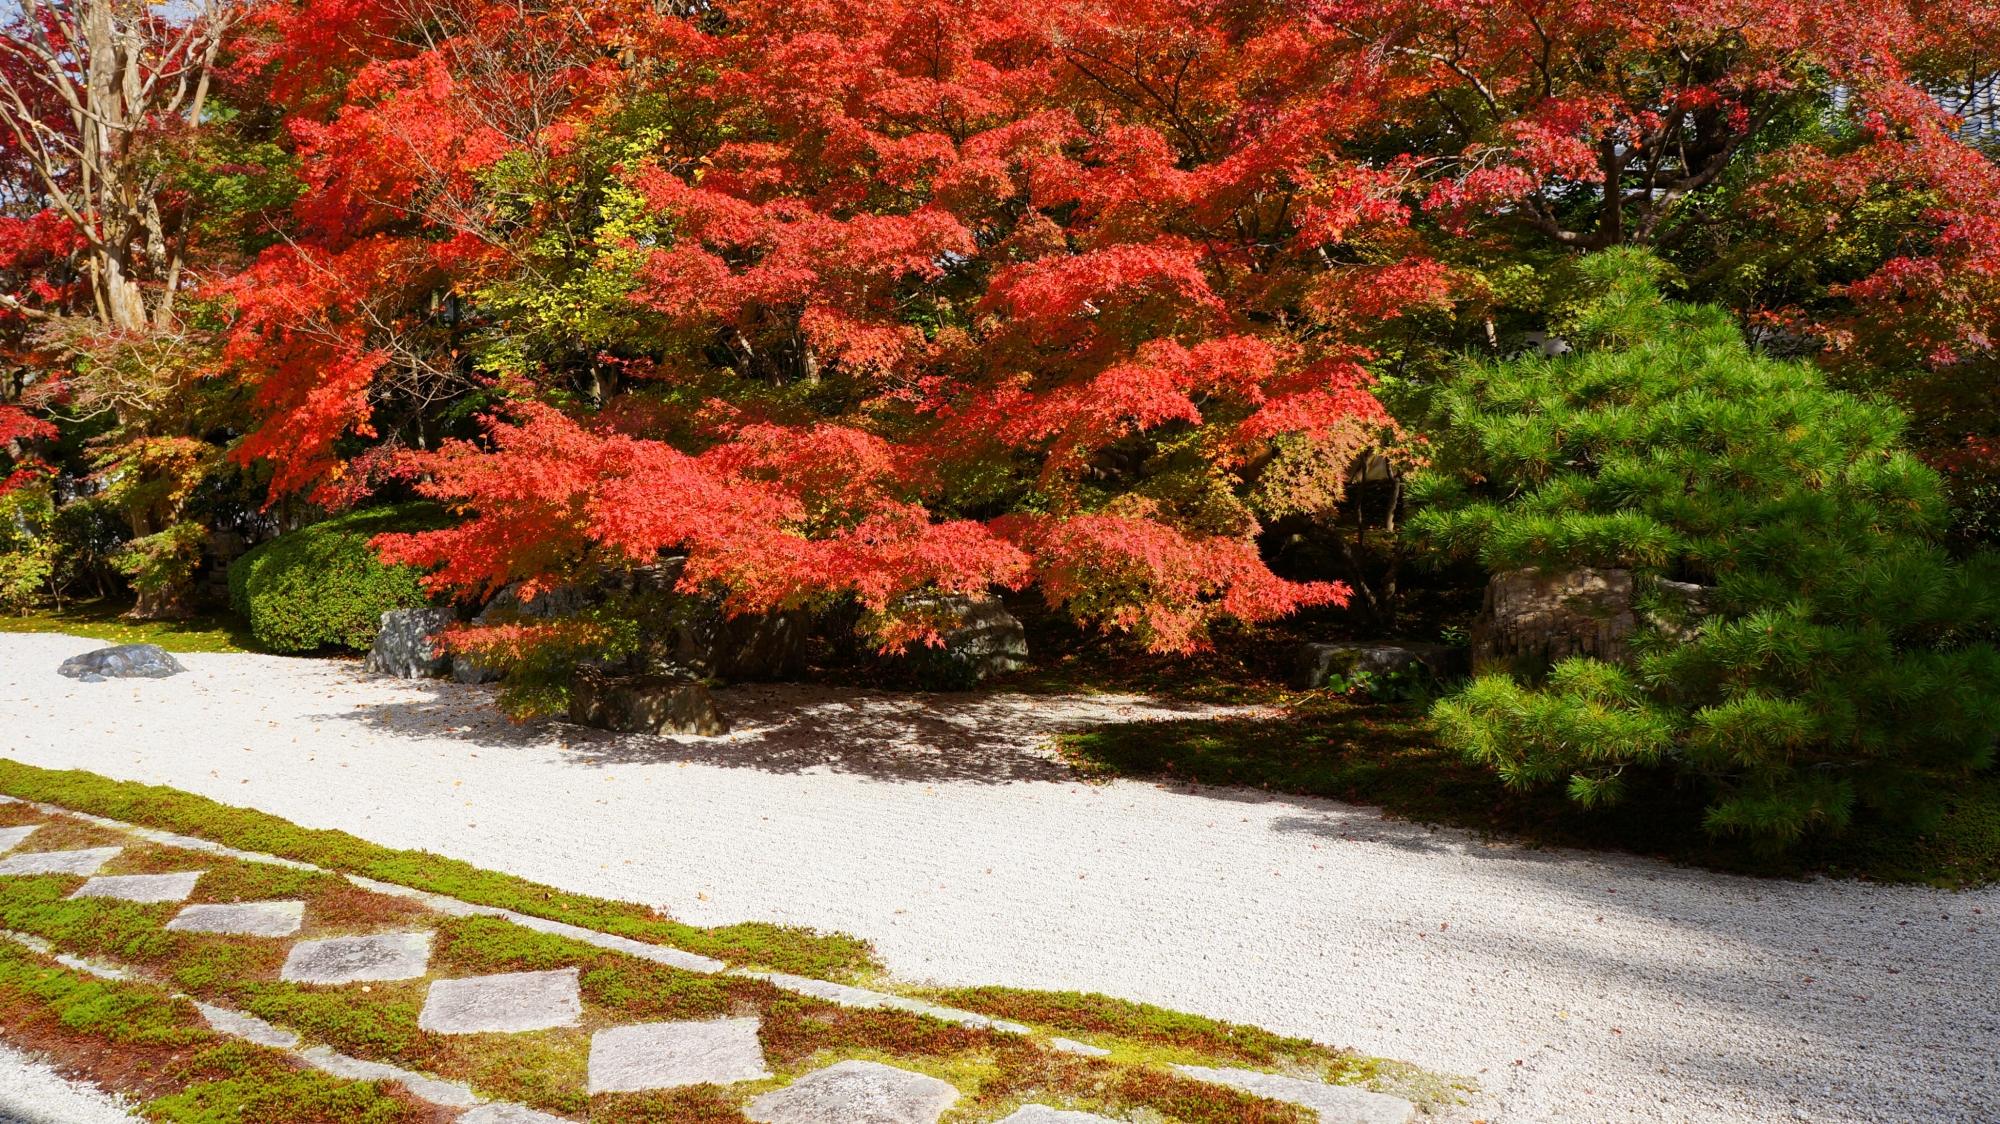 松や苔などの綺麗な緑と紅葉の赤との見事なコントラスト